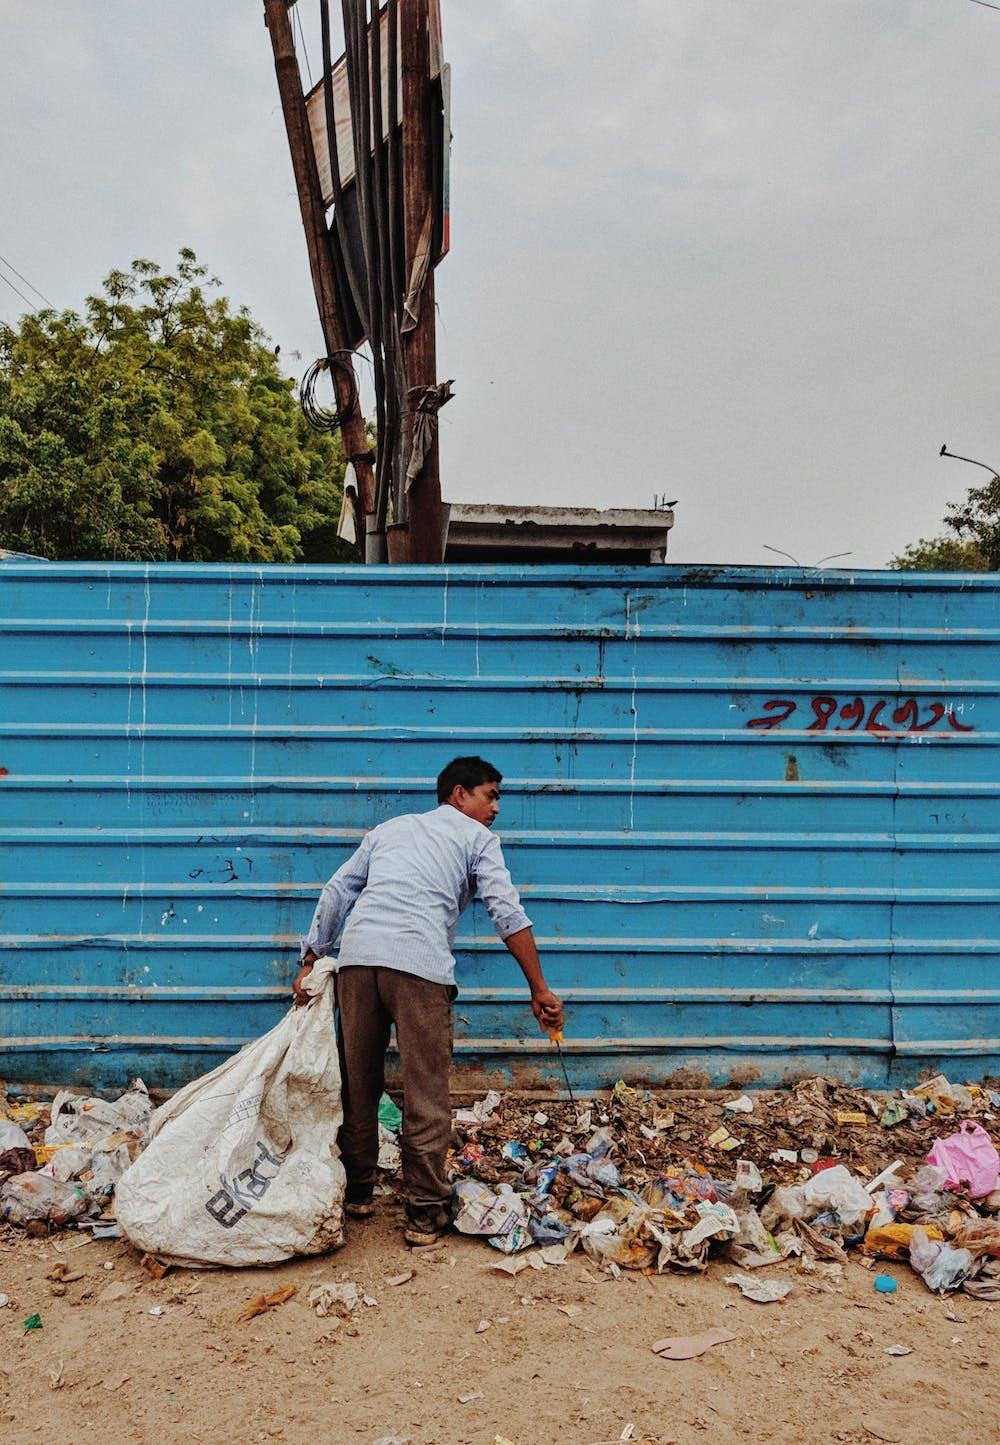 Man collecting garbage | Photo: Pexels